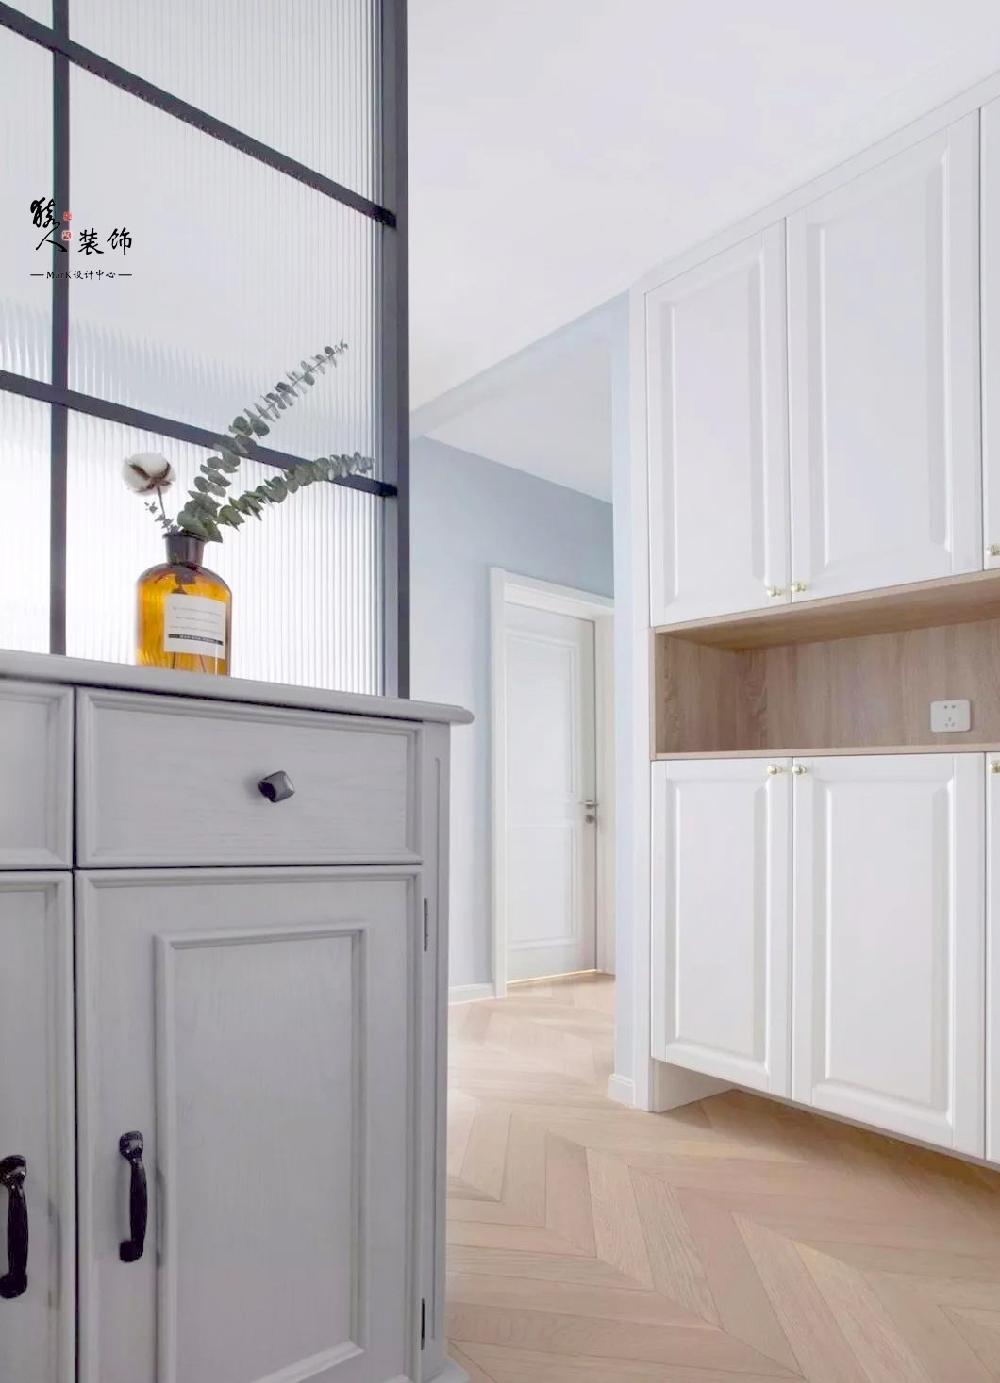 110㎡北欧三室,玄关、电视墙,巧妙实用14364127